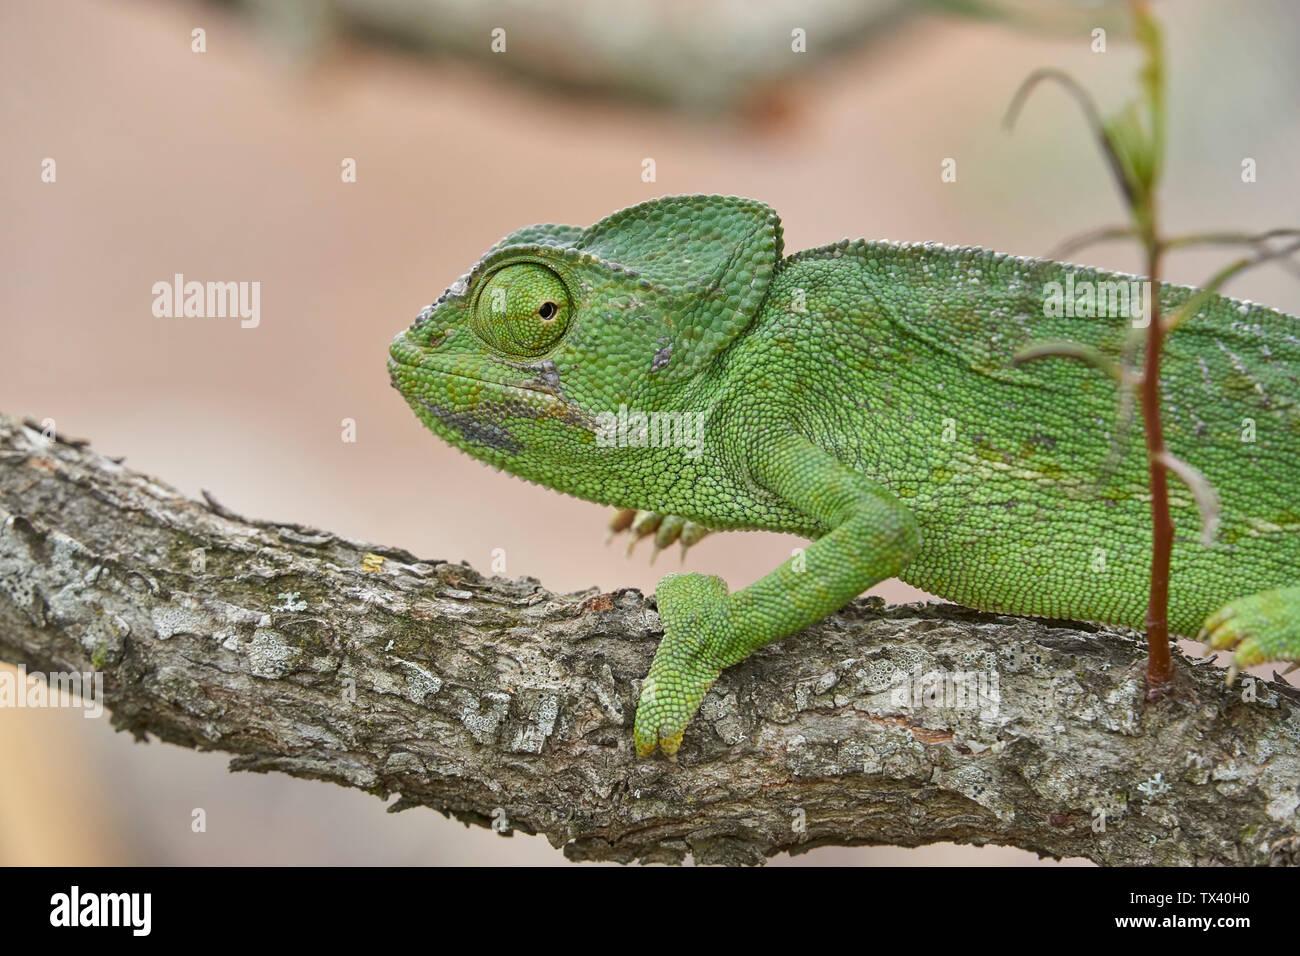 El camaleón común (Chamaeleo camaleón) en el sur de España. Andalucía, Málaga. Reptiles en peligro de extinción. Imagen De Stock